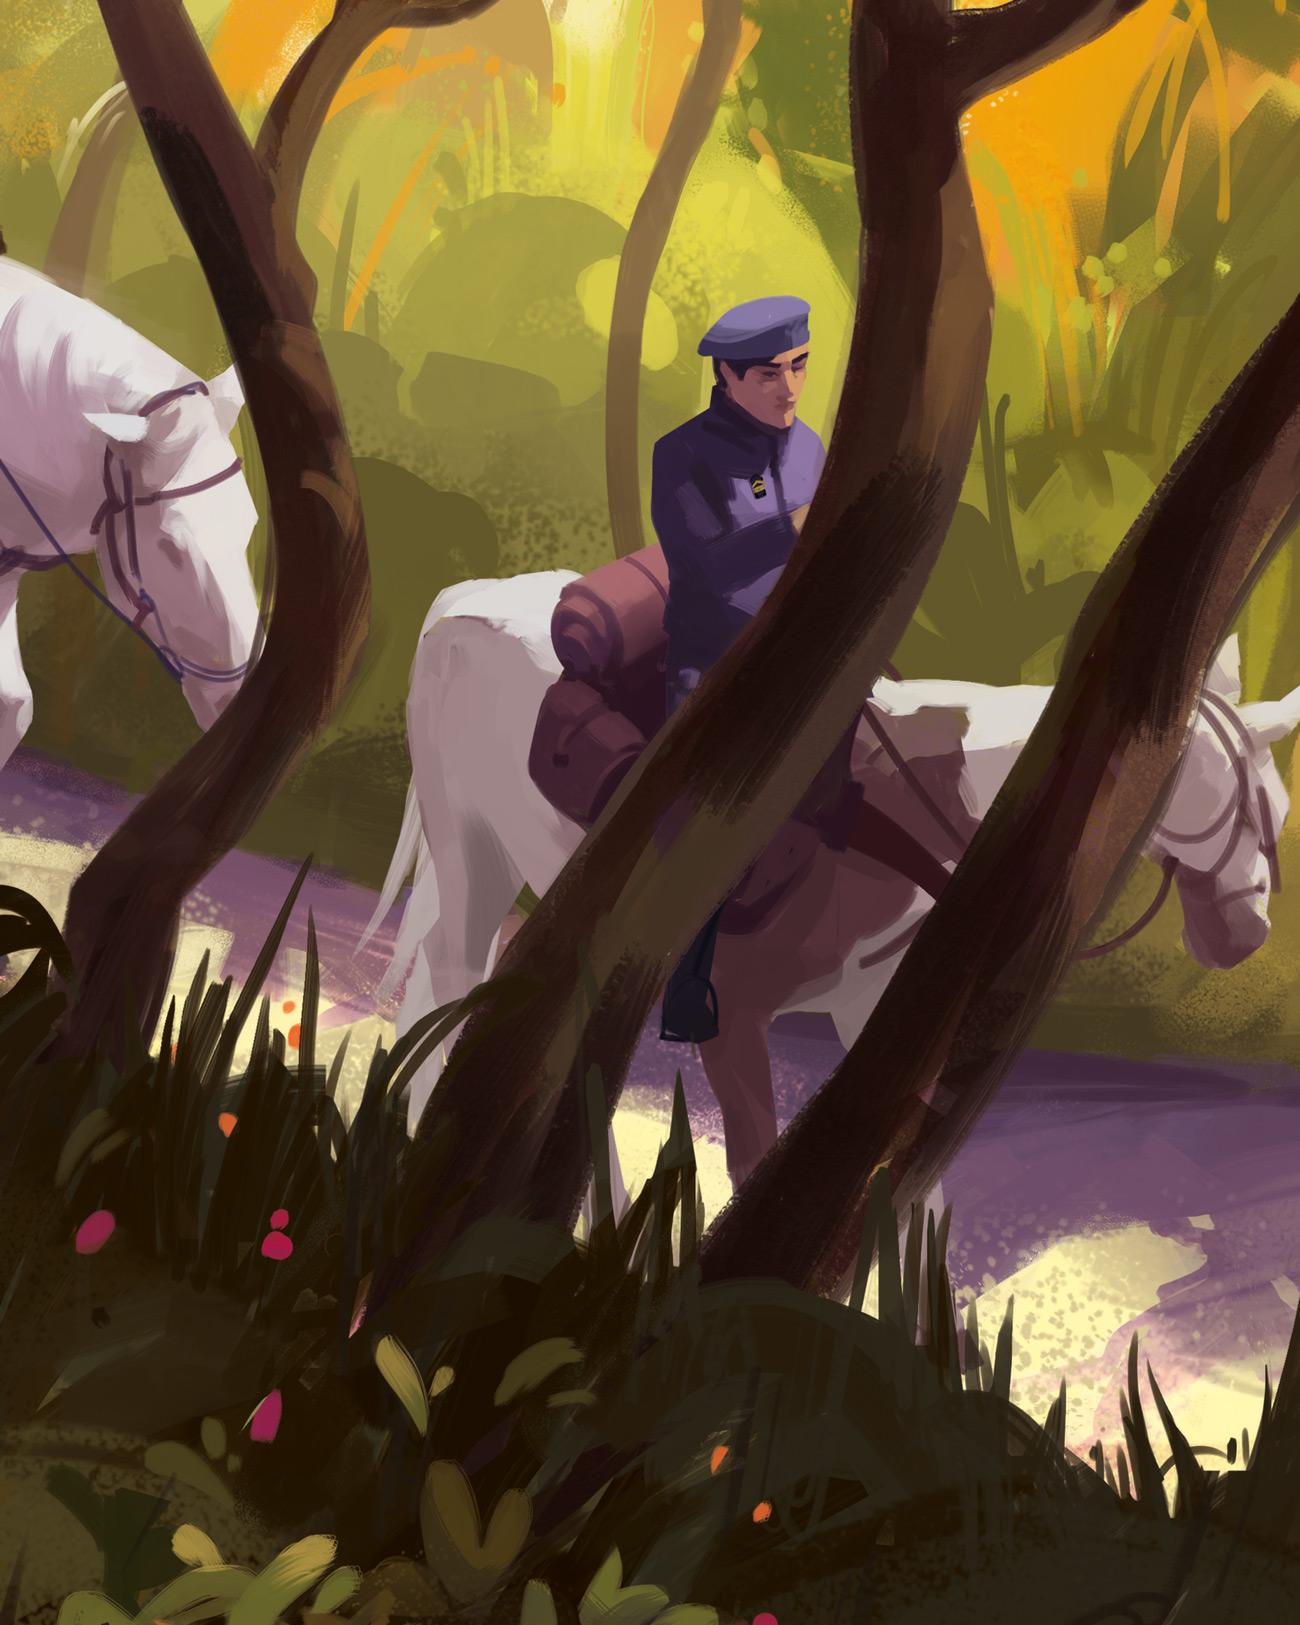 Illustration de Sandrine Pilloud | To kamikochi, détail 1 | Livre Kanako Sawada écrit par Lionel Tardy